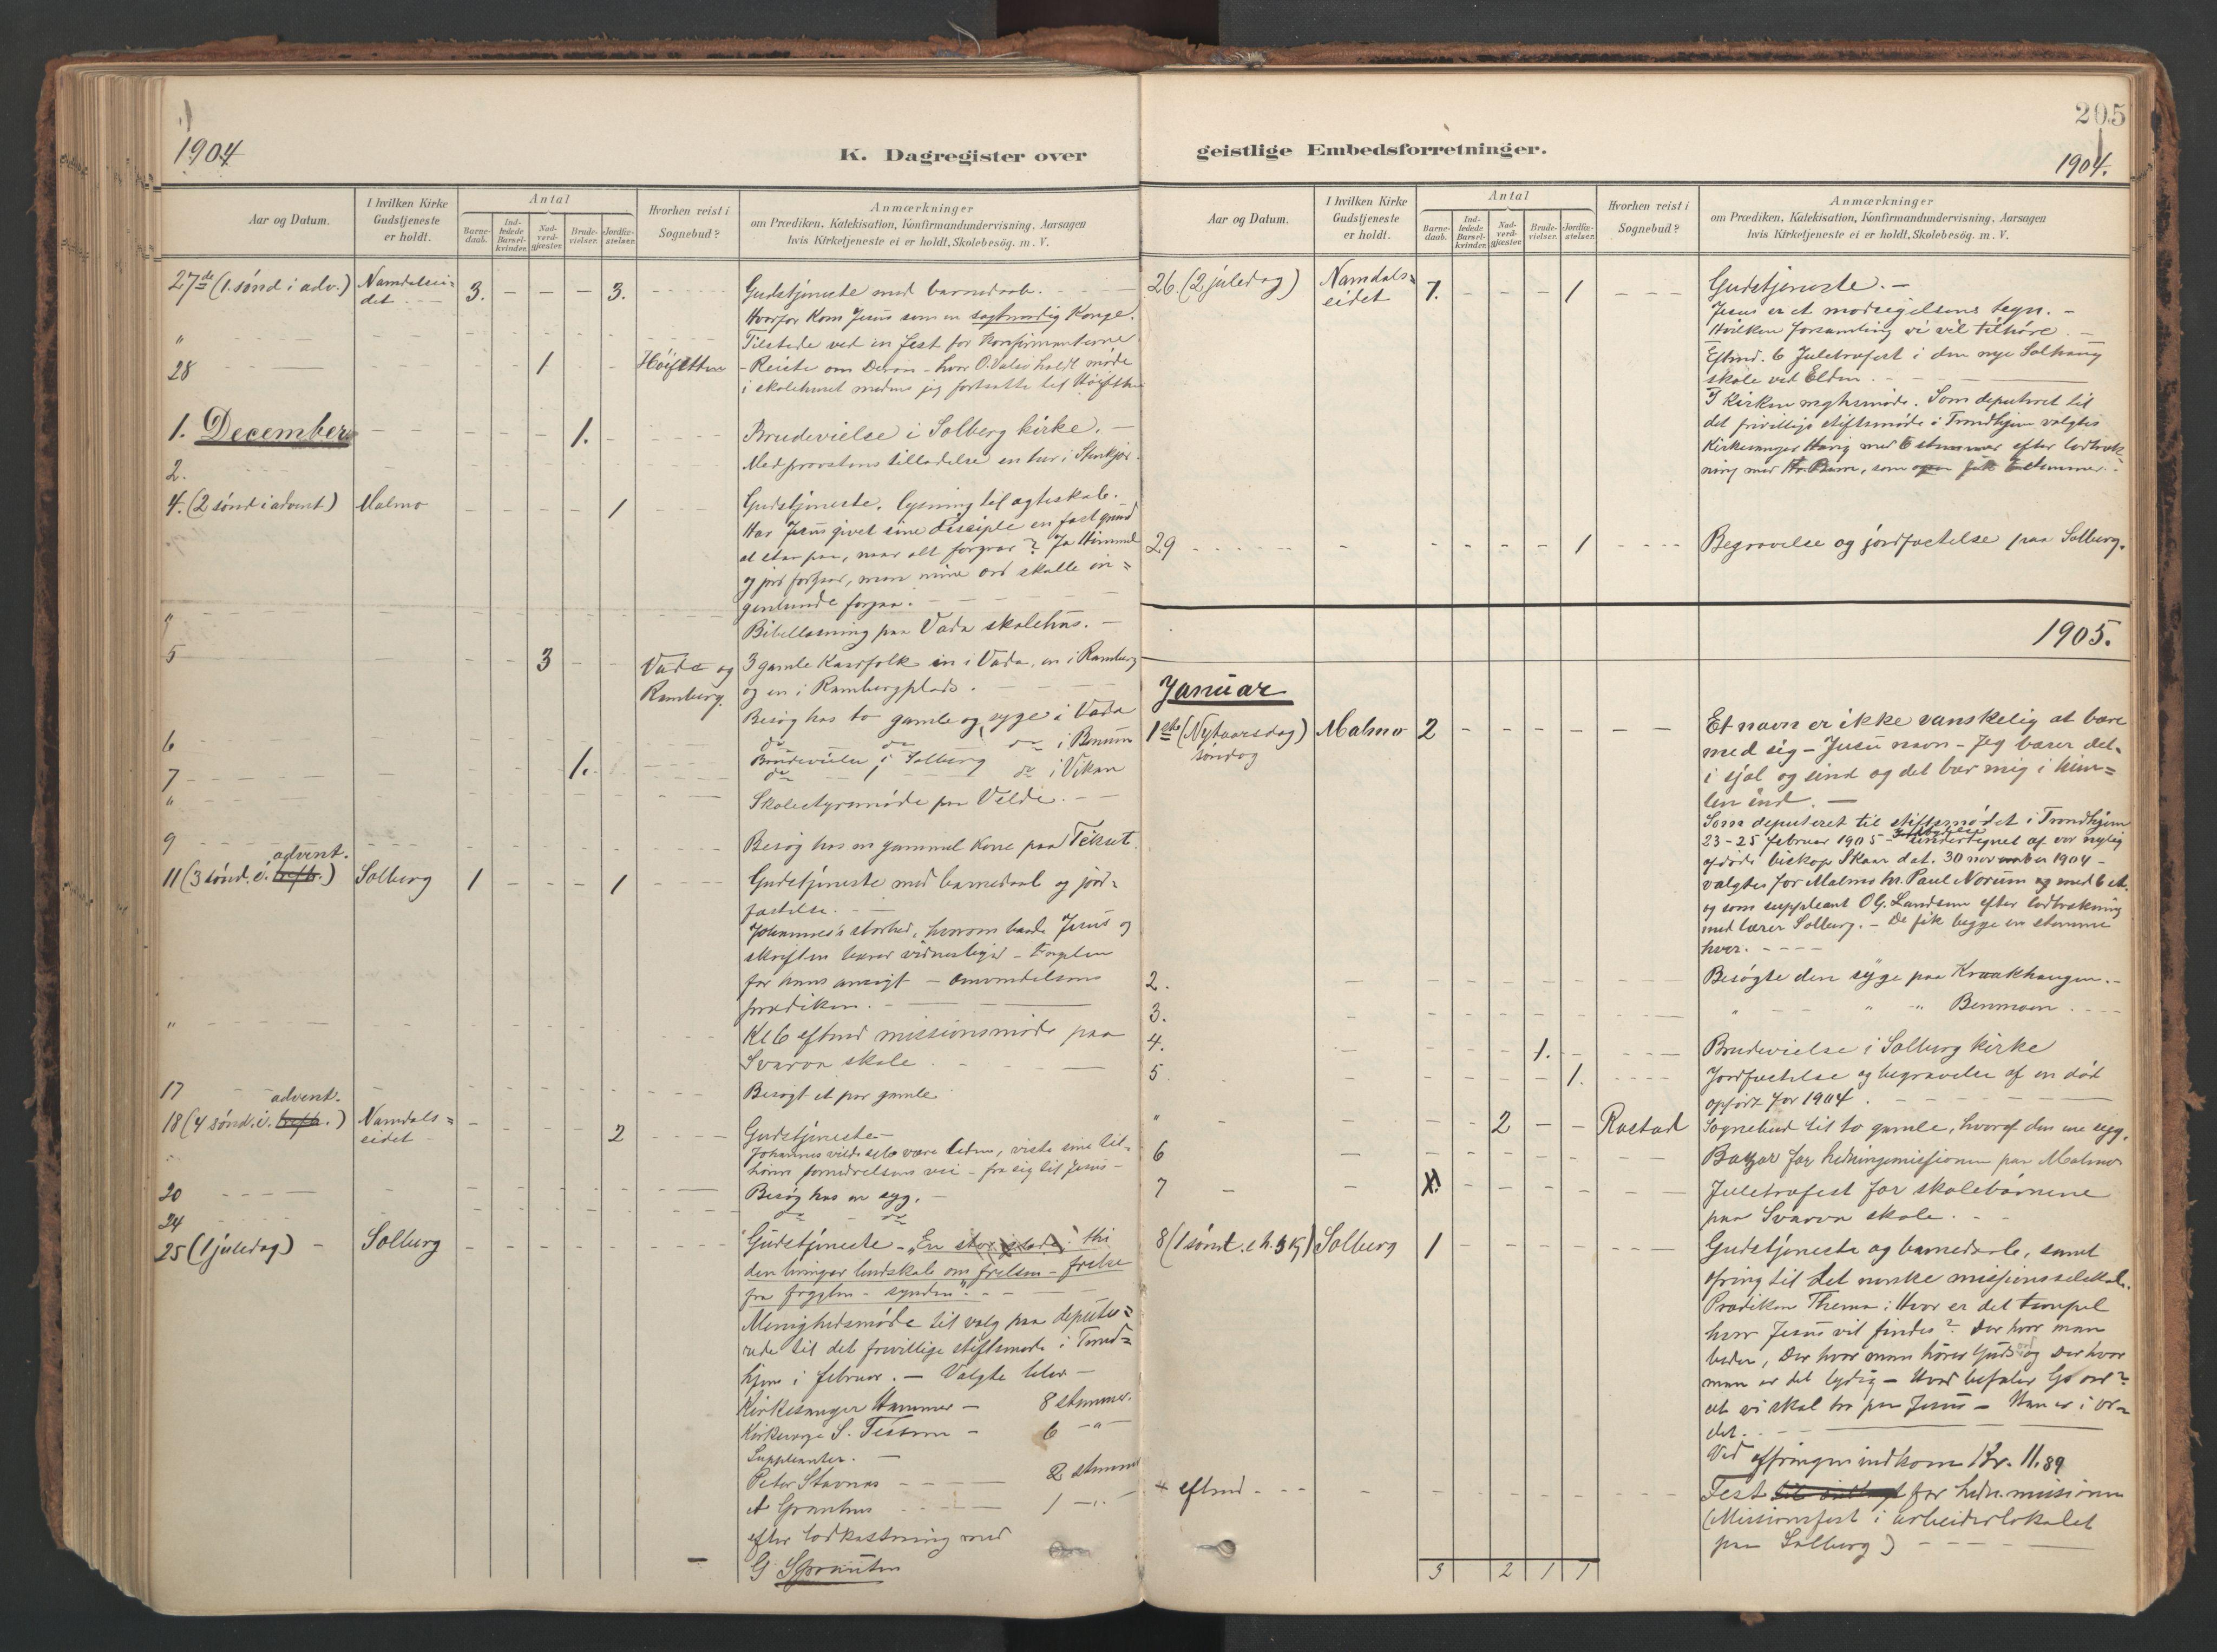 SAT, Ministerialprotokoller, klokkerbøker og fødselsregistre - Nord-Trøndelag, 741/L0397: Ministerialbok nr. 741A11, 1901-1911, s. 205